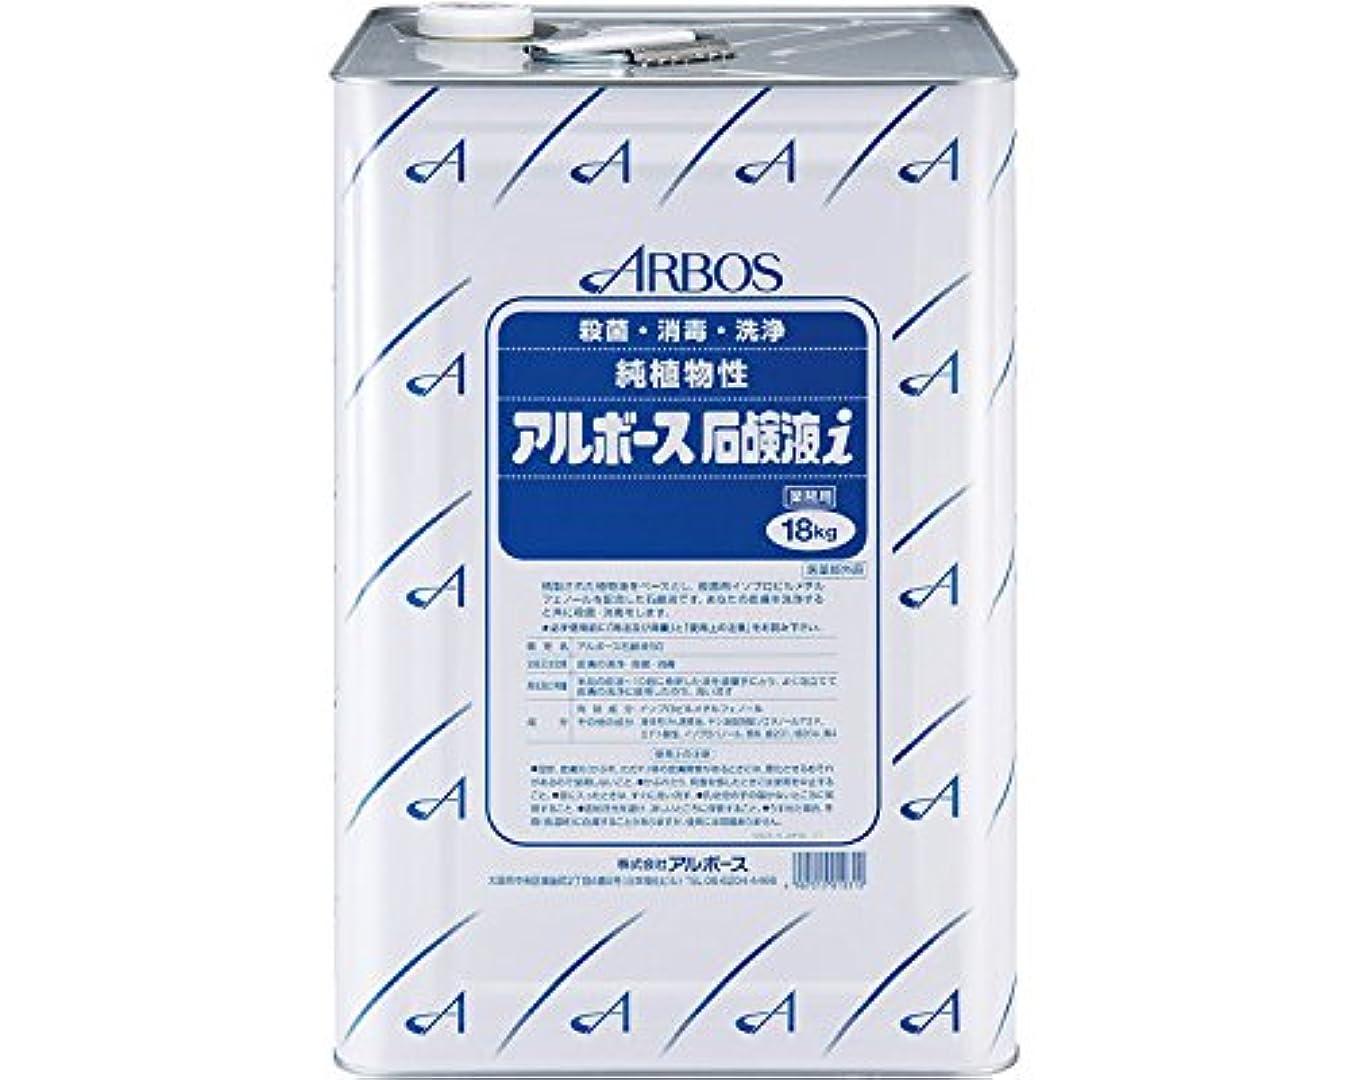 許す水分円周アルボース石鹸液i 18kg (アルボース)